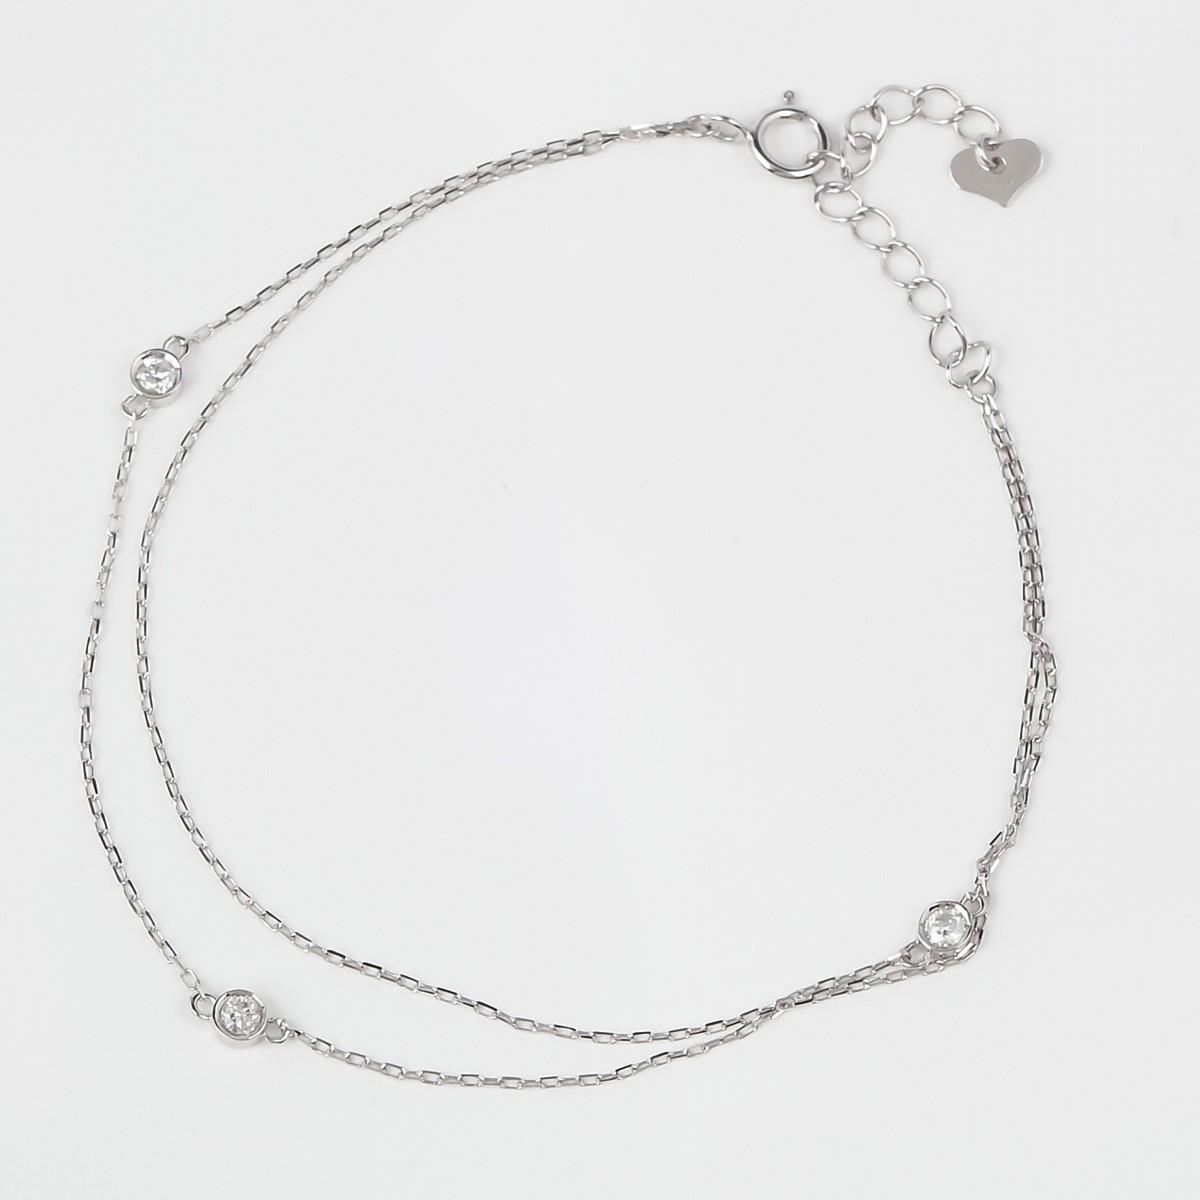 ブレスレット K10WG ダイヤ0.12ct 15cm+3cm 約0.97g